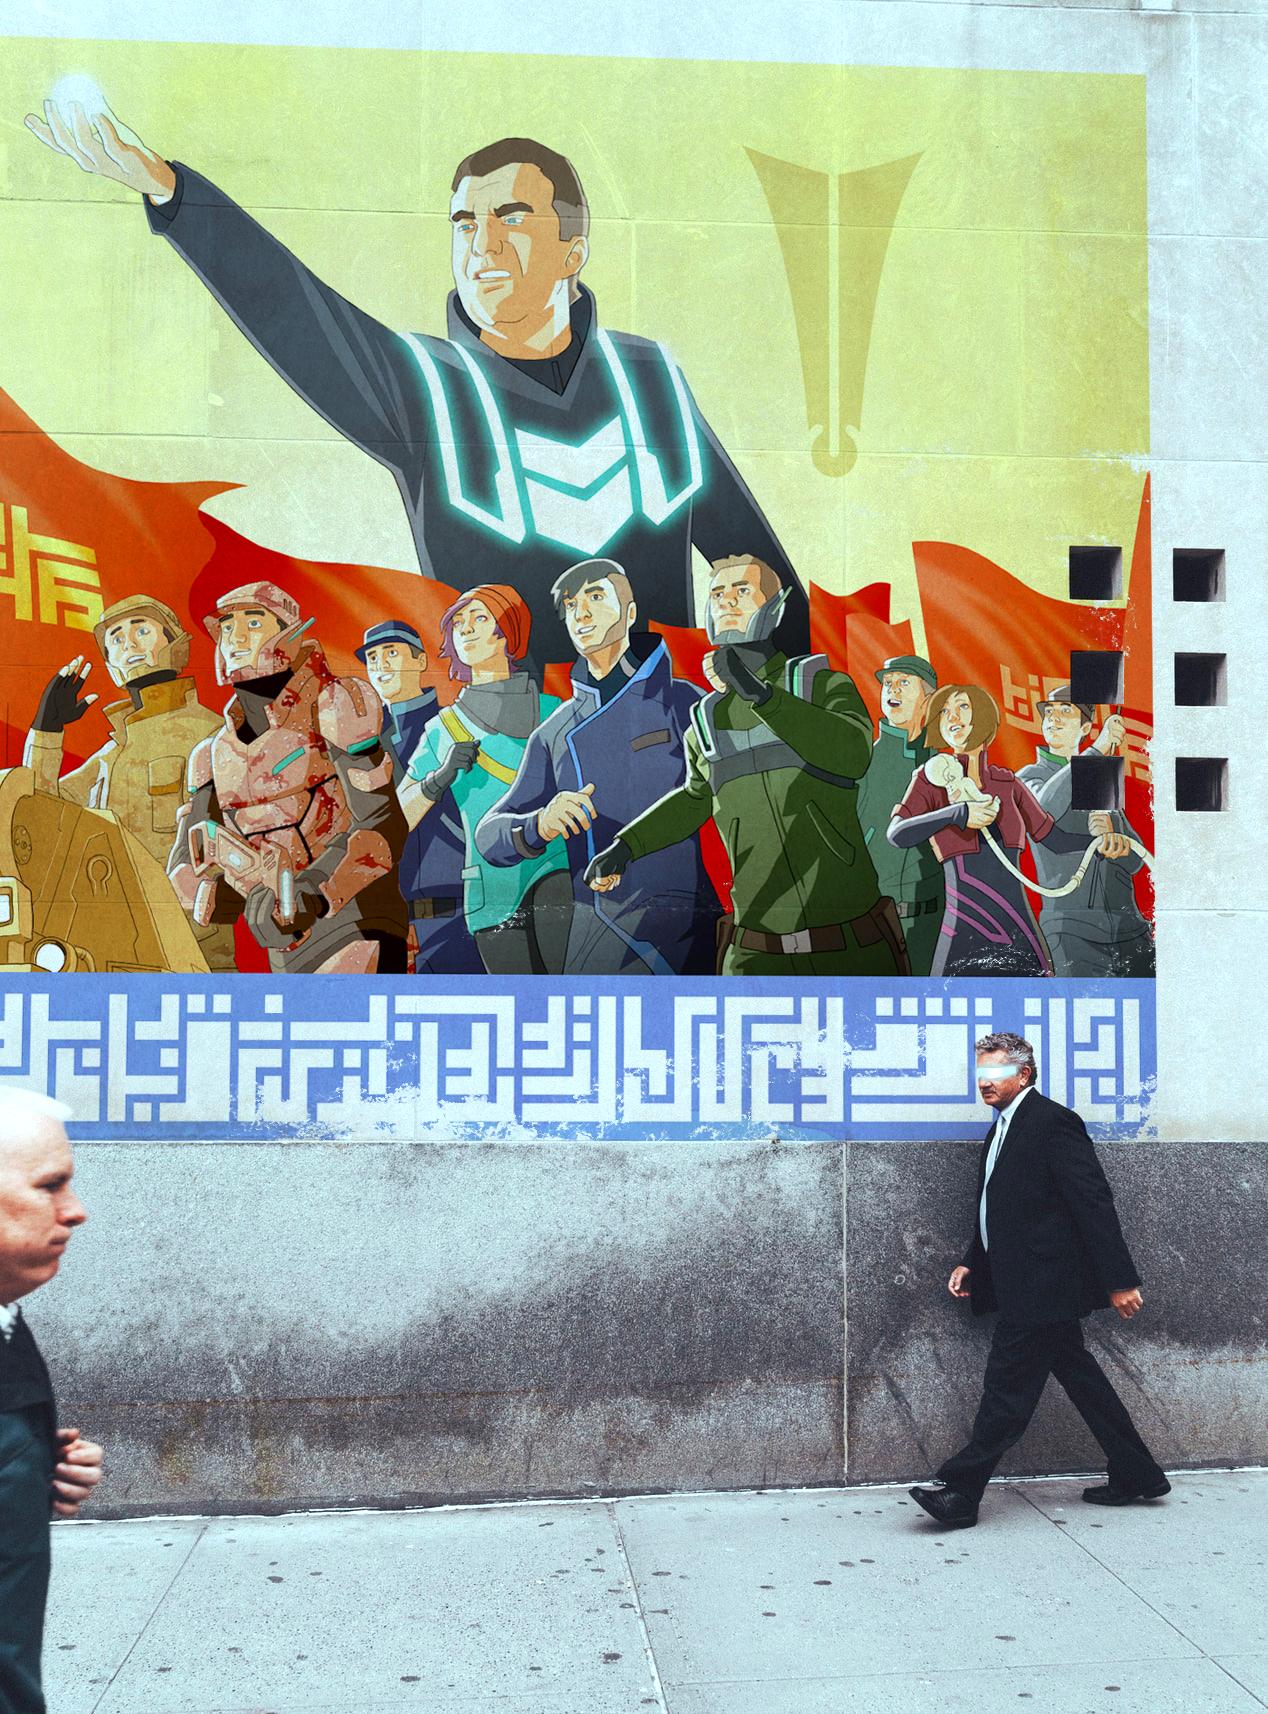 20190723 sidewalk mural.png